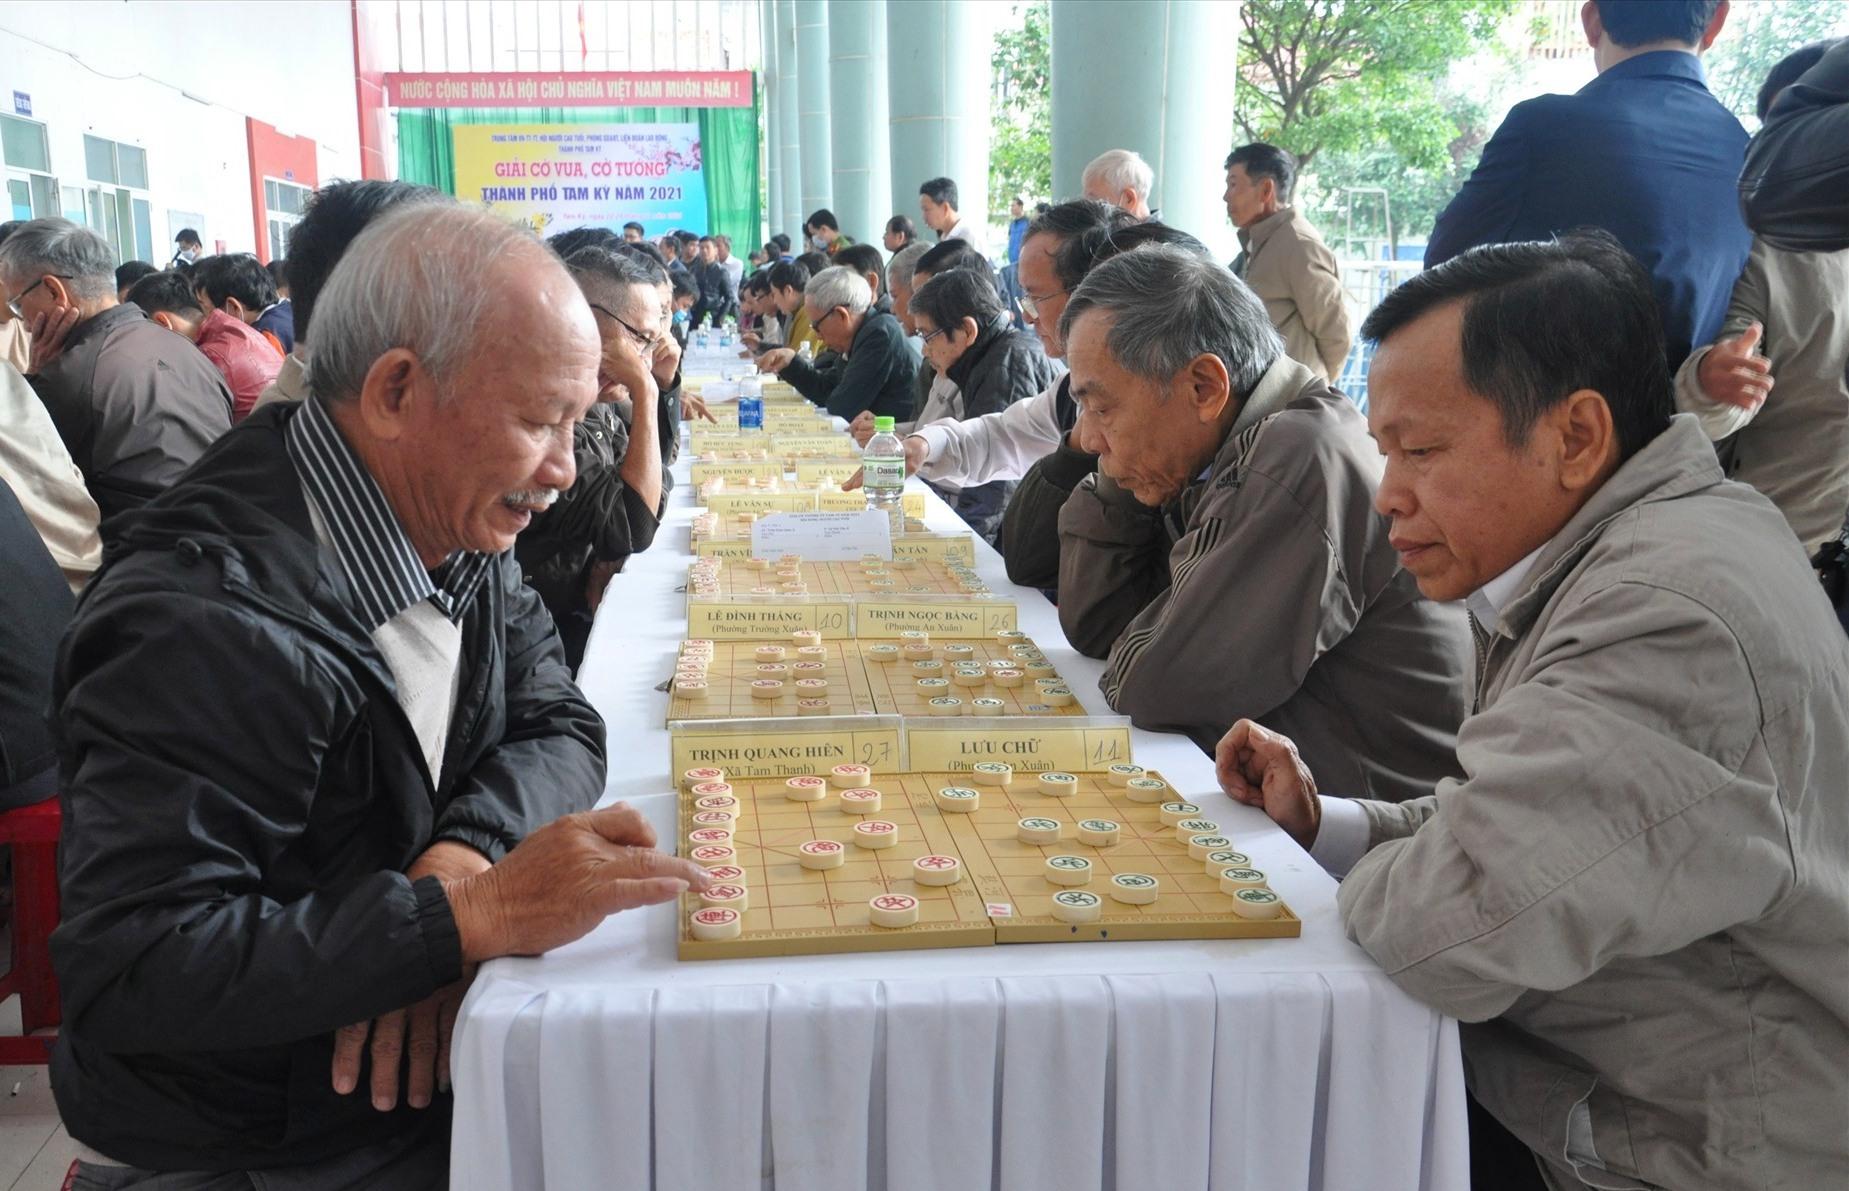 Các kỳ thủ người cao tuổi thi đấu cờ tướng. Ảnh: A.N